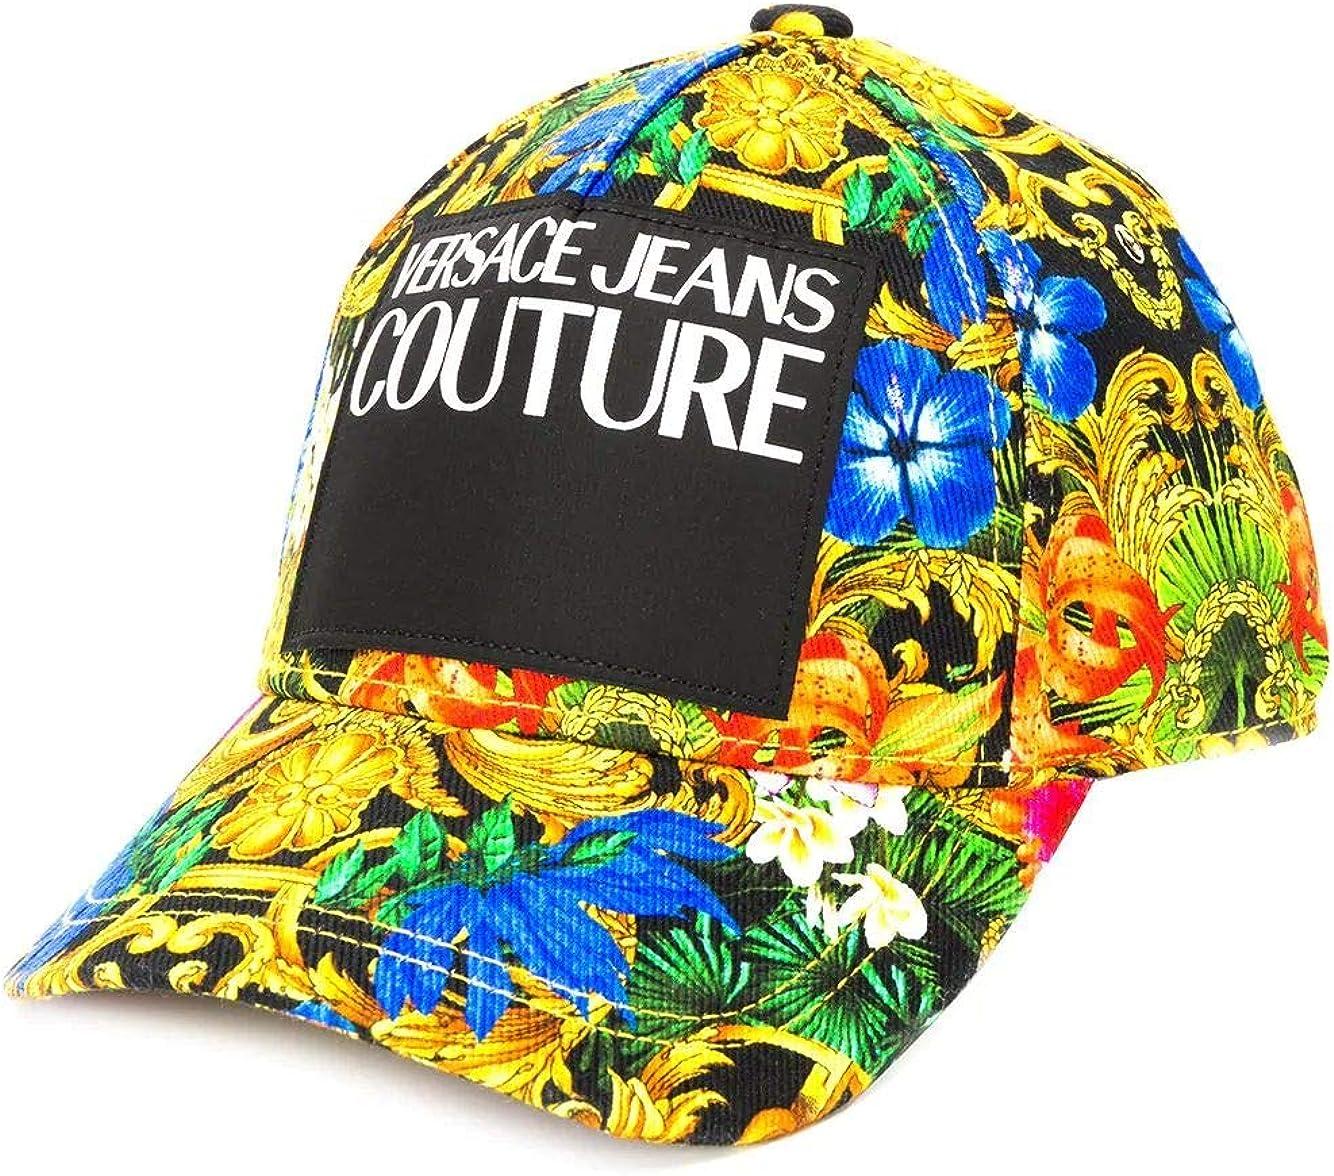 Primavera Estate 20 Versace Luxury Fashion Uomo E8GVAK11S0652983 Multicolor Cappello